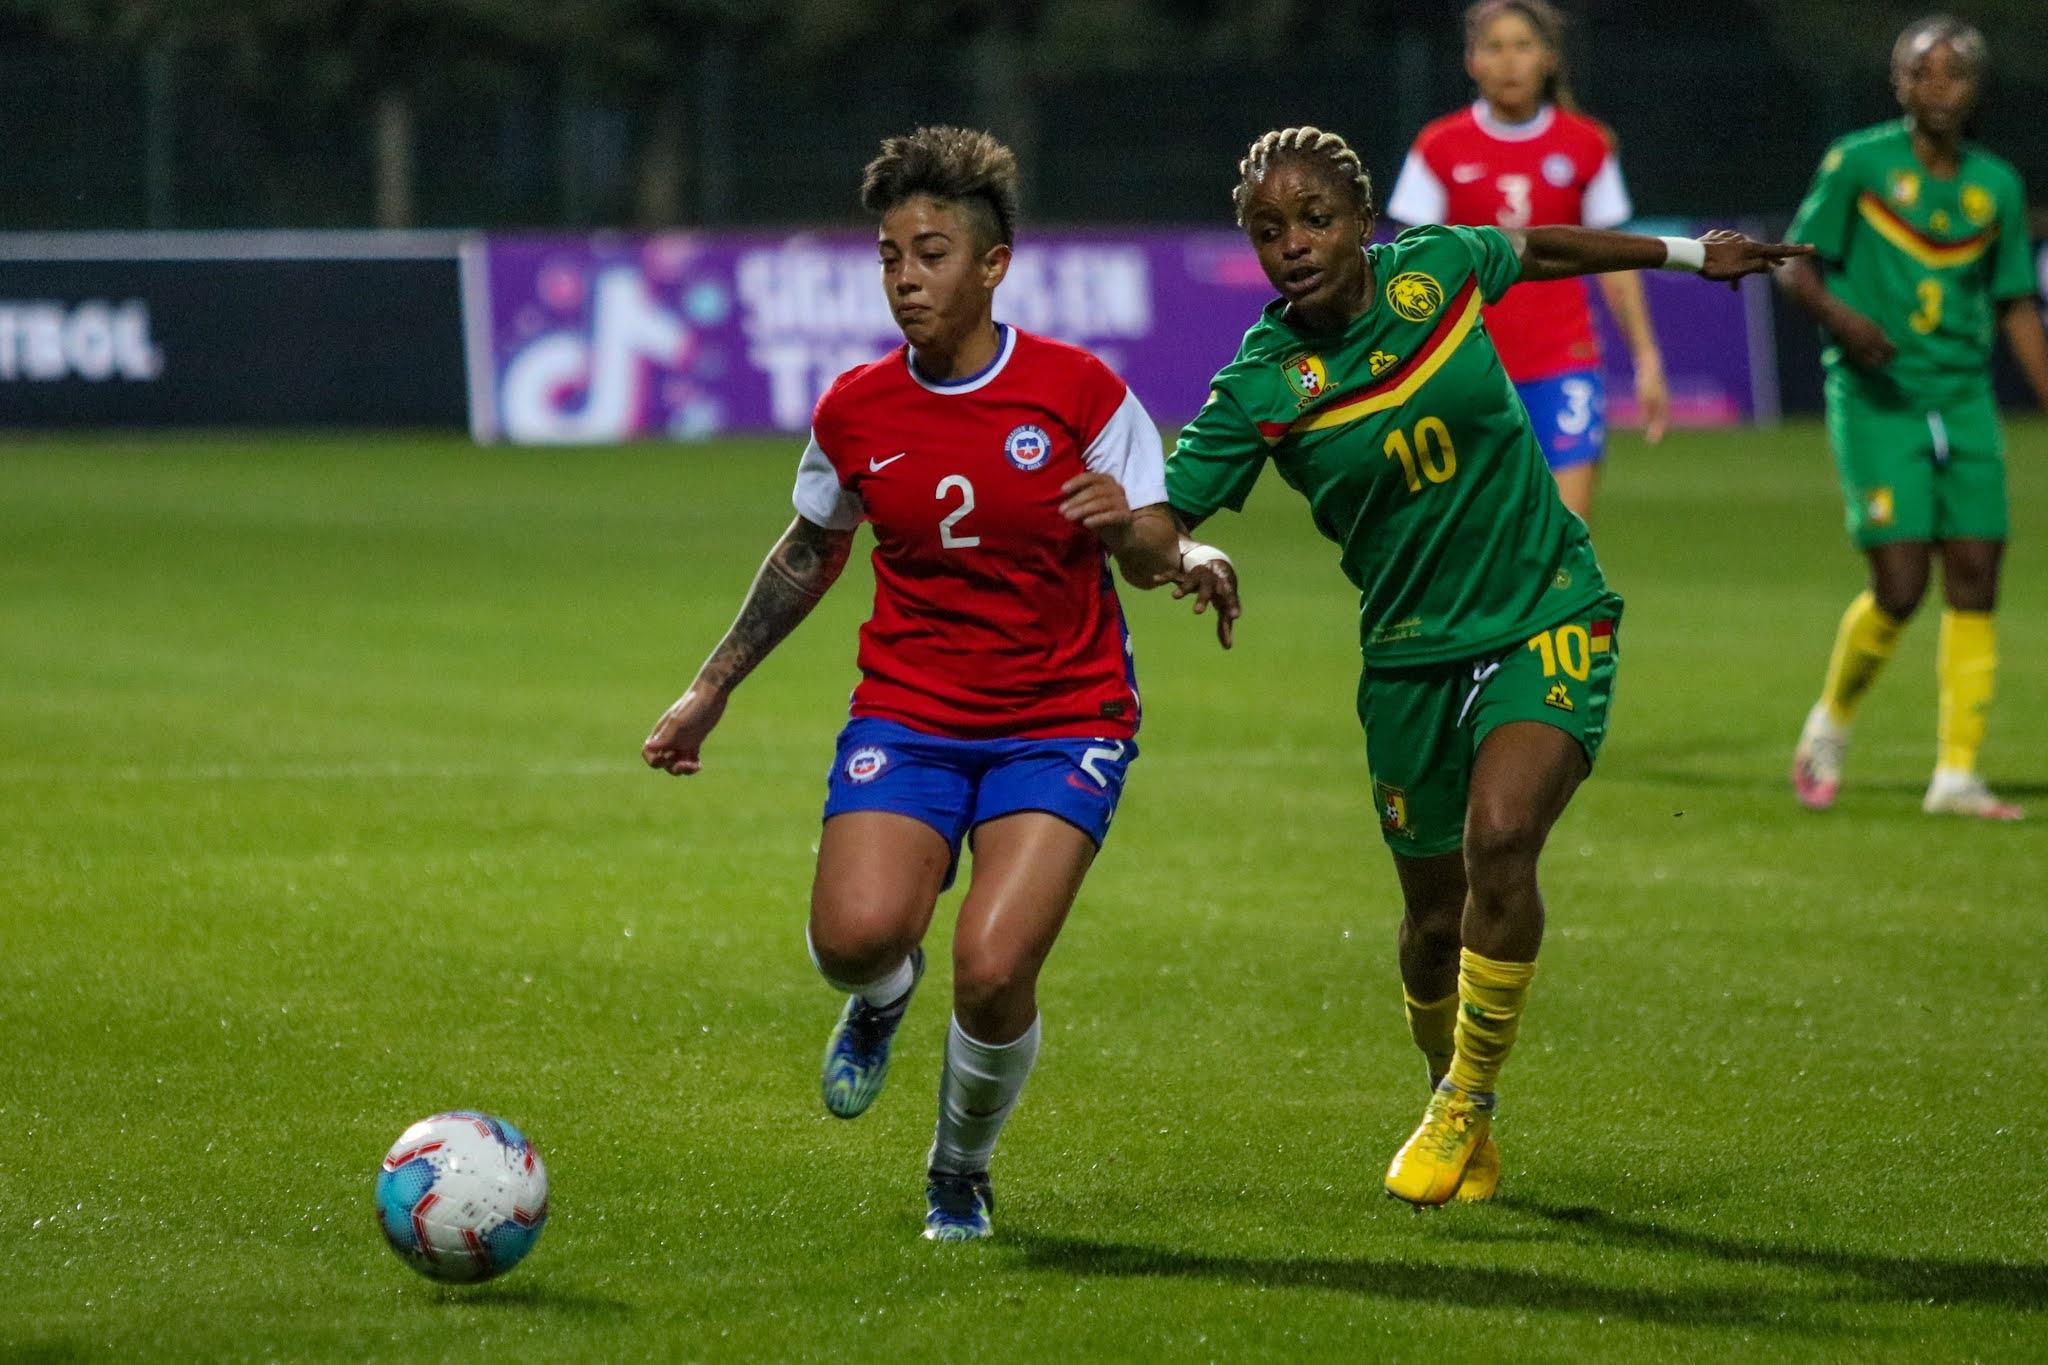 Chile y Camerún en repechaje intercontinental a Juegos Olímpicos de Tokio 2020, 13 de abril de 2021